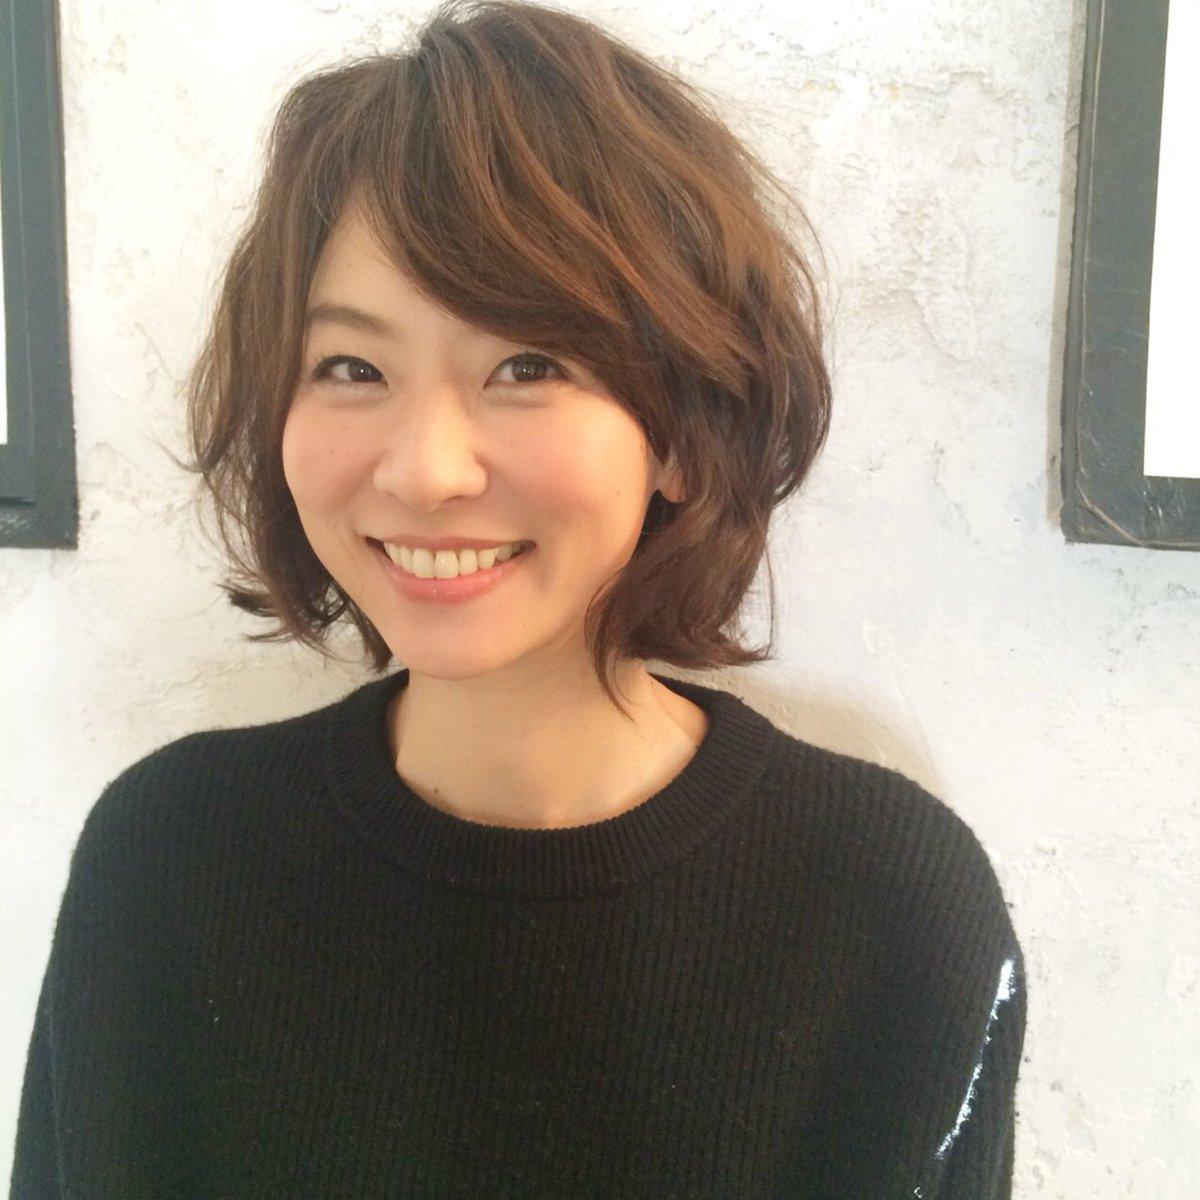 五明祐子のショートカット画像